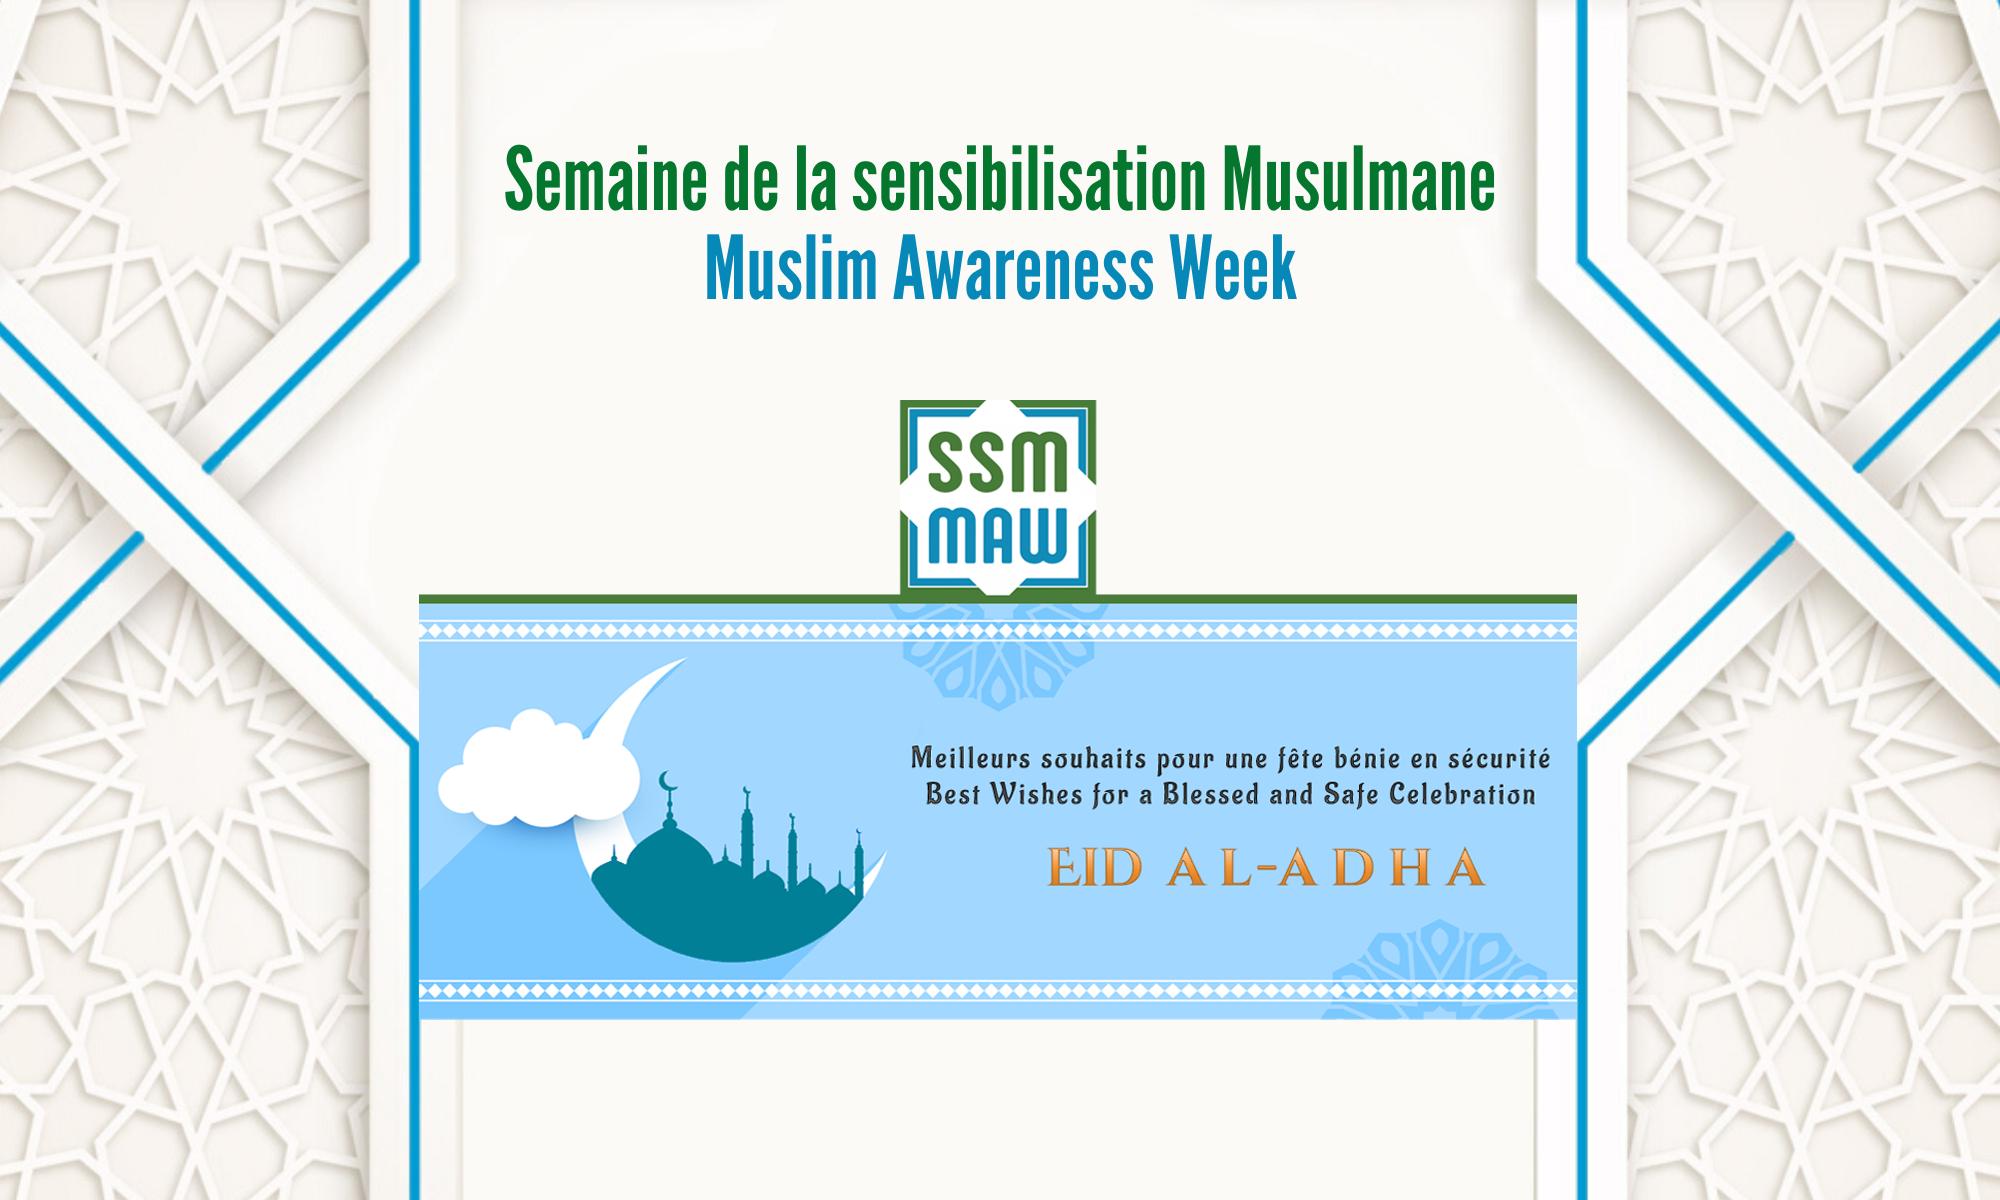 Semaine de Sensibilisation Musulmane / Muslim Awareness Week